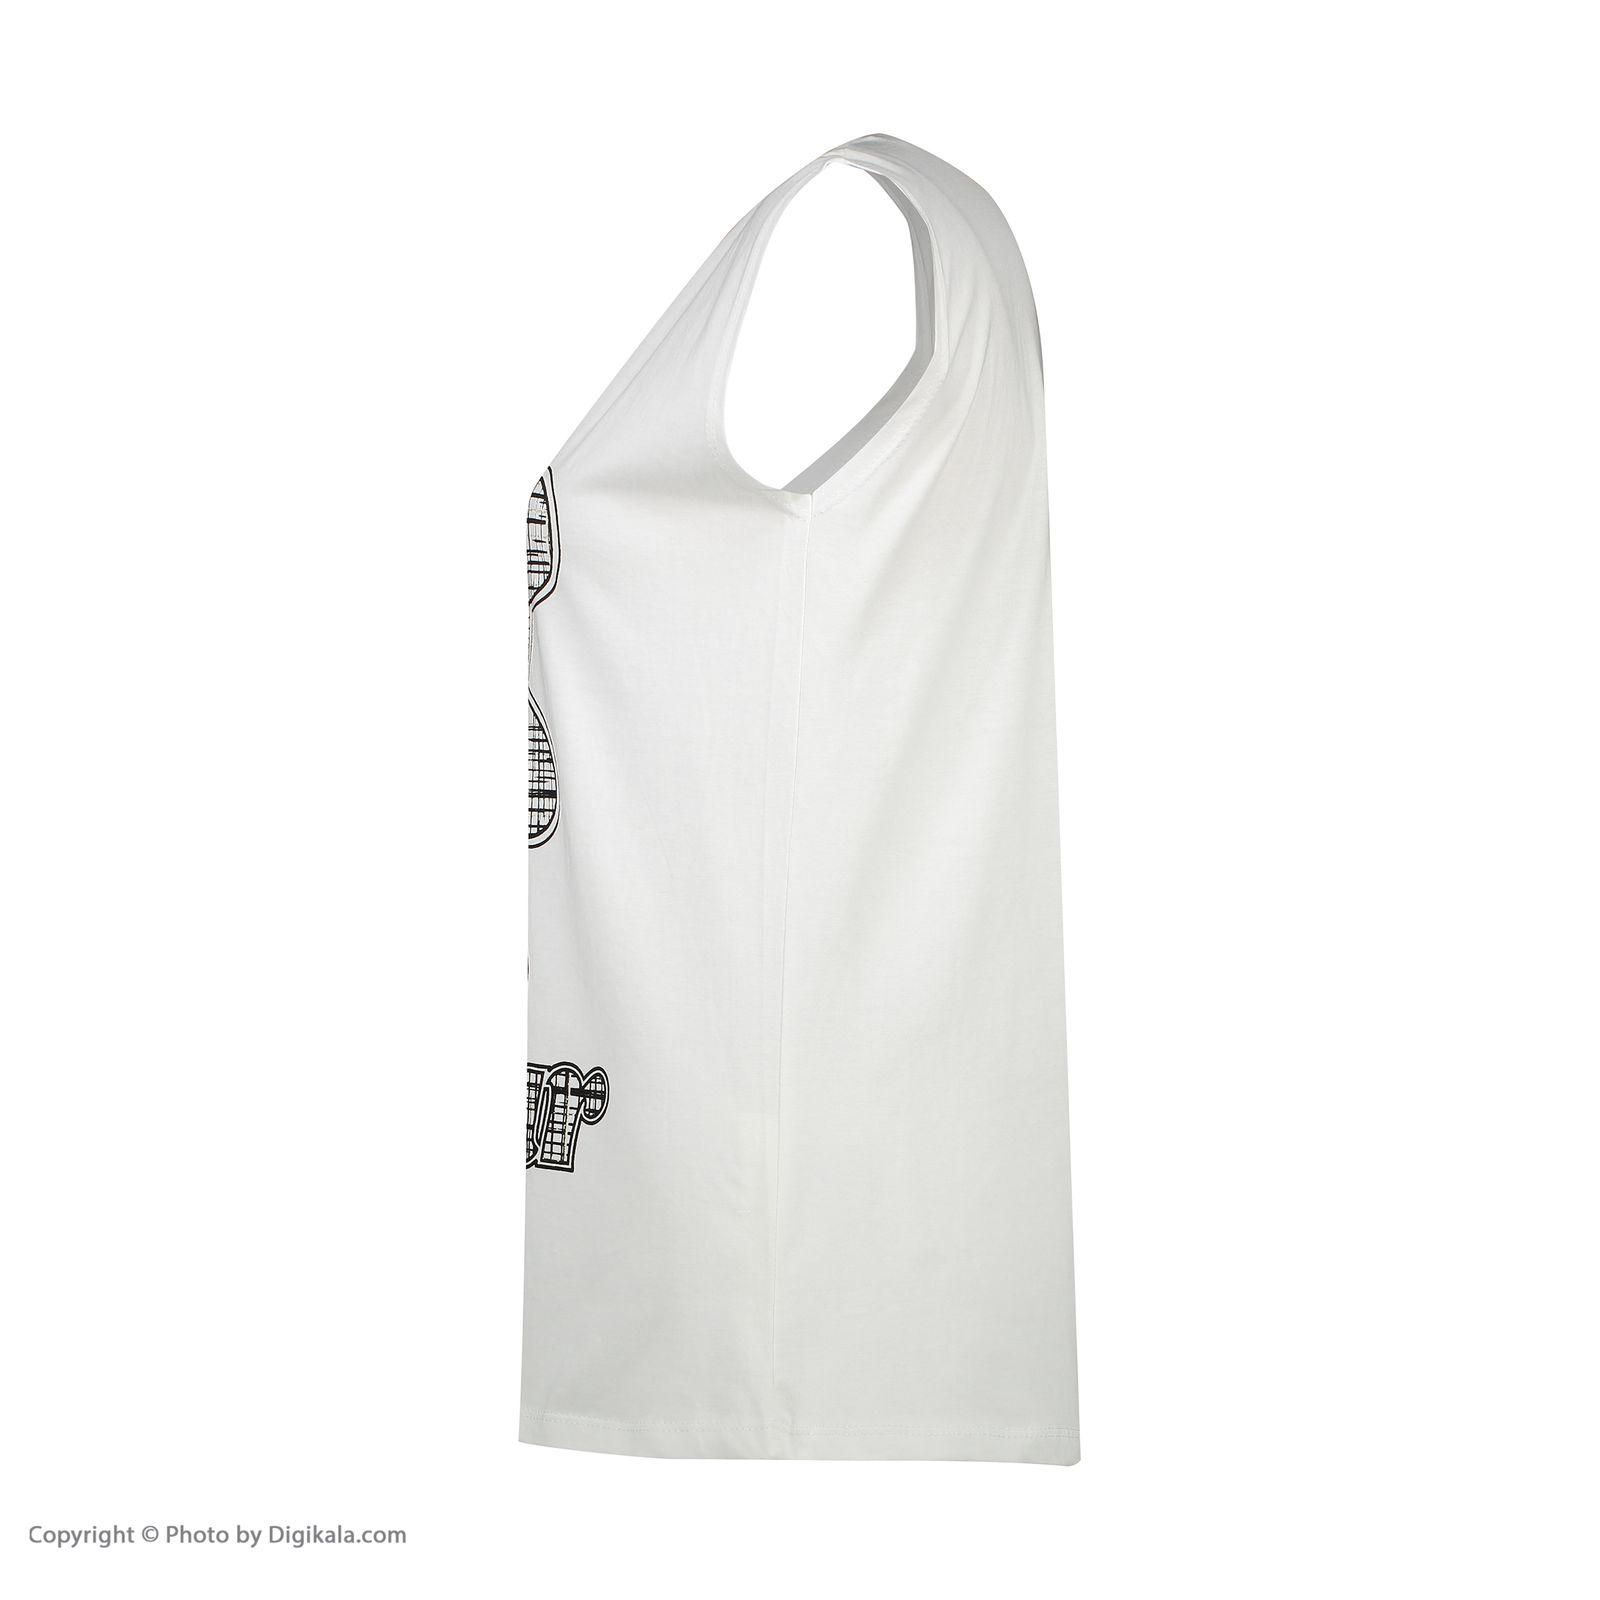 ست تاپ و شلوارک زنانه فمیلی ور طرح خرسی کد 0221 رنگ سفید -  - 8